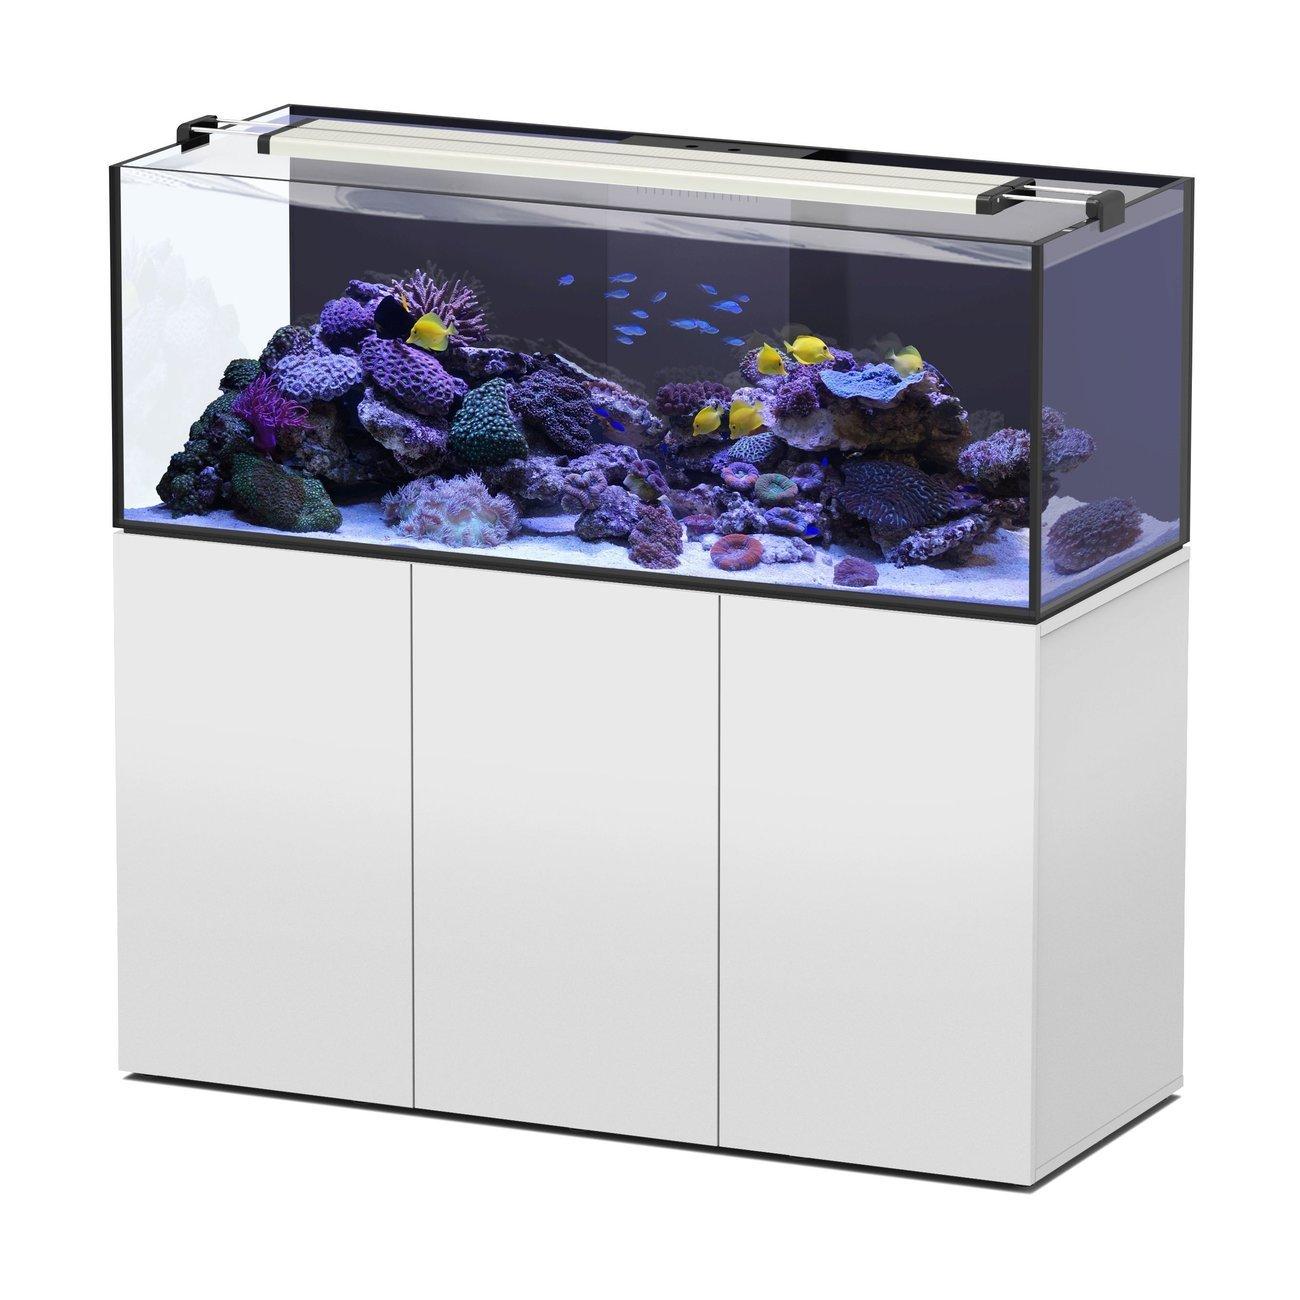 Aquatlantis AquaView 150 mit Unterschrank, Bild 4